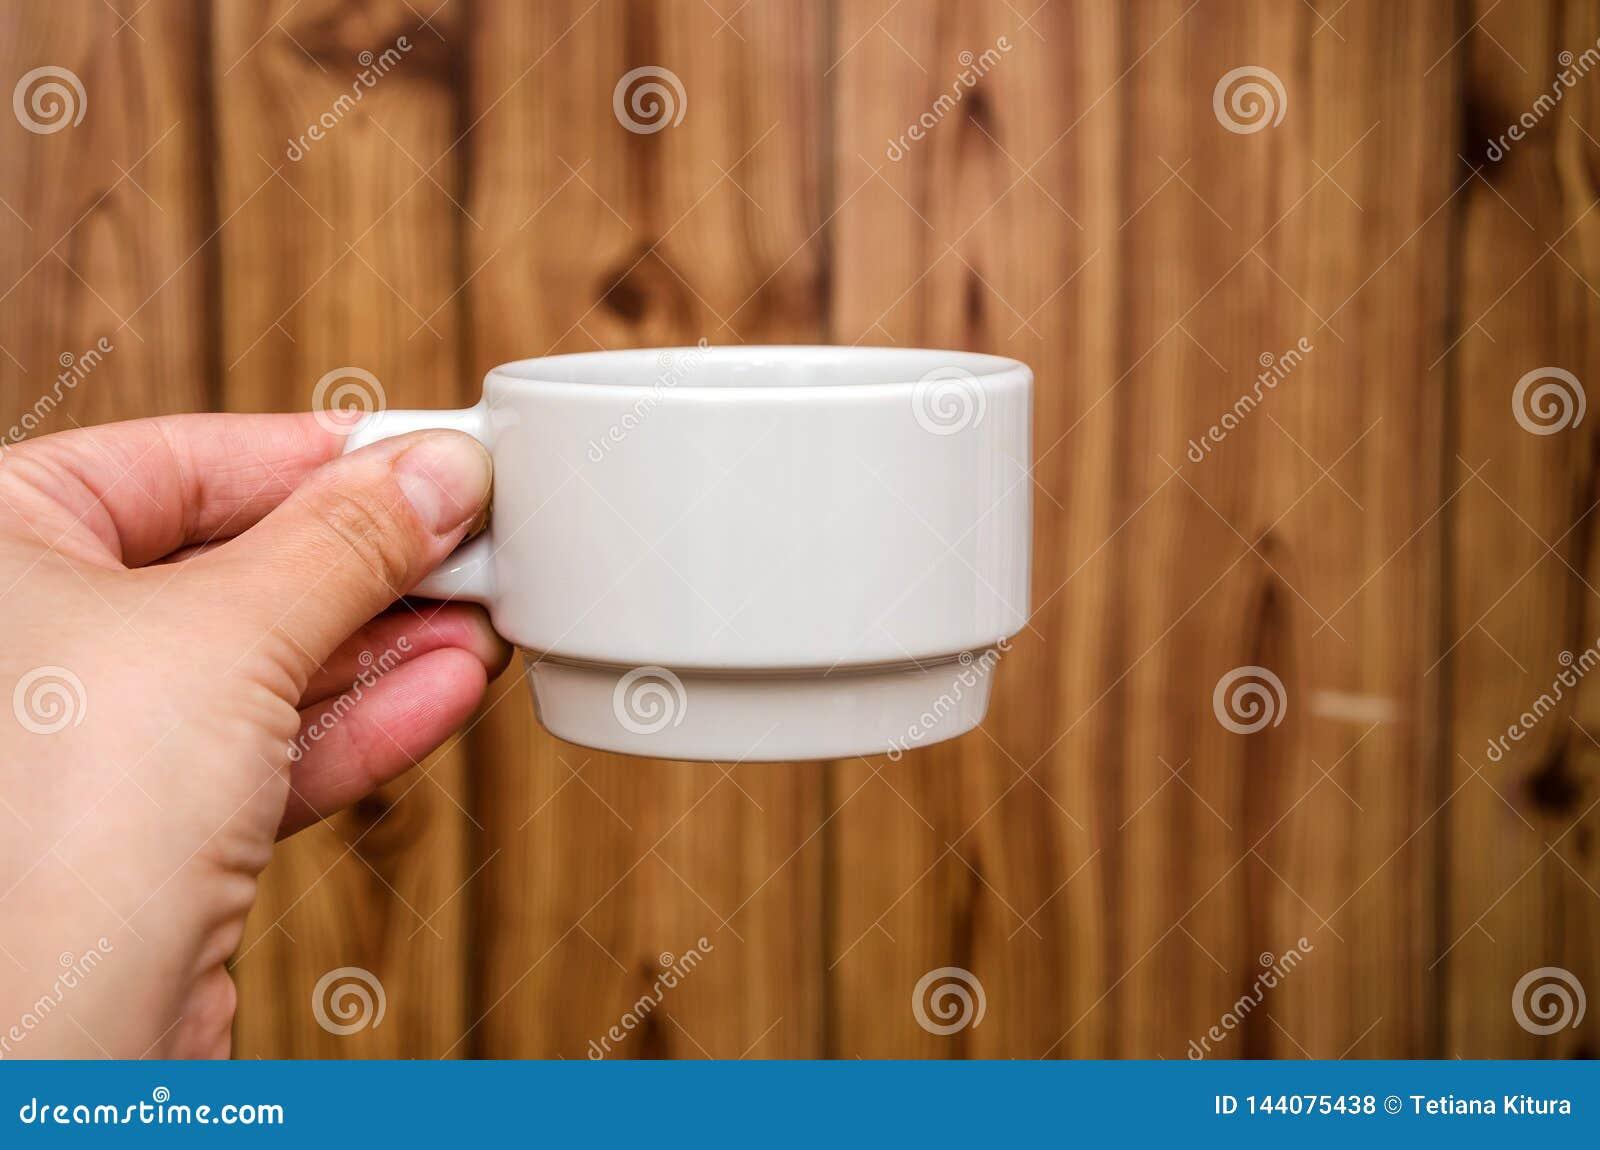 Tazza bianca a disposizione su fondo di legno